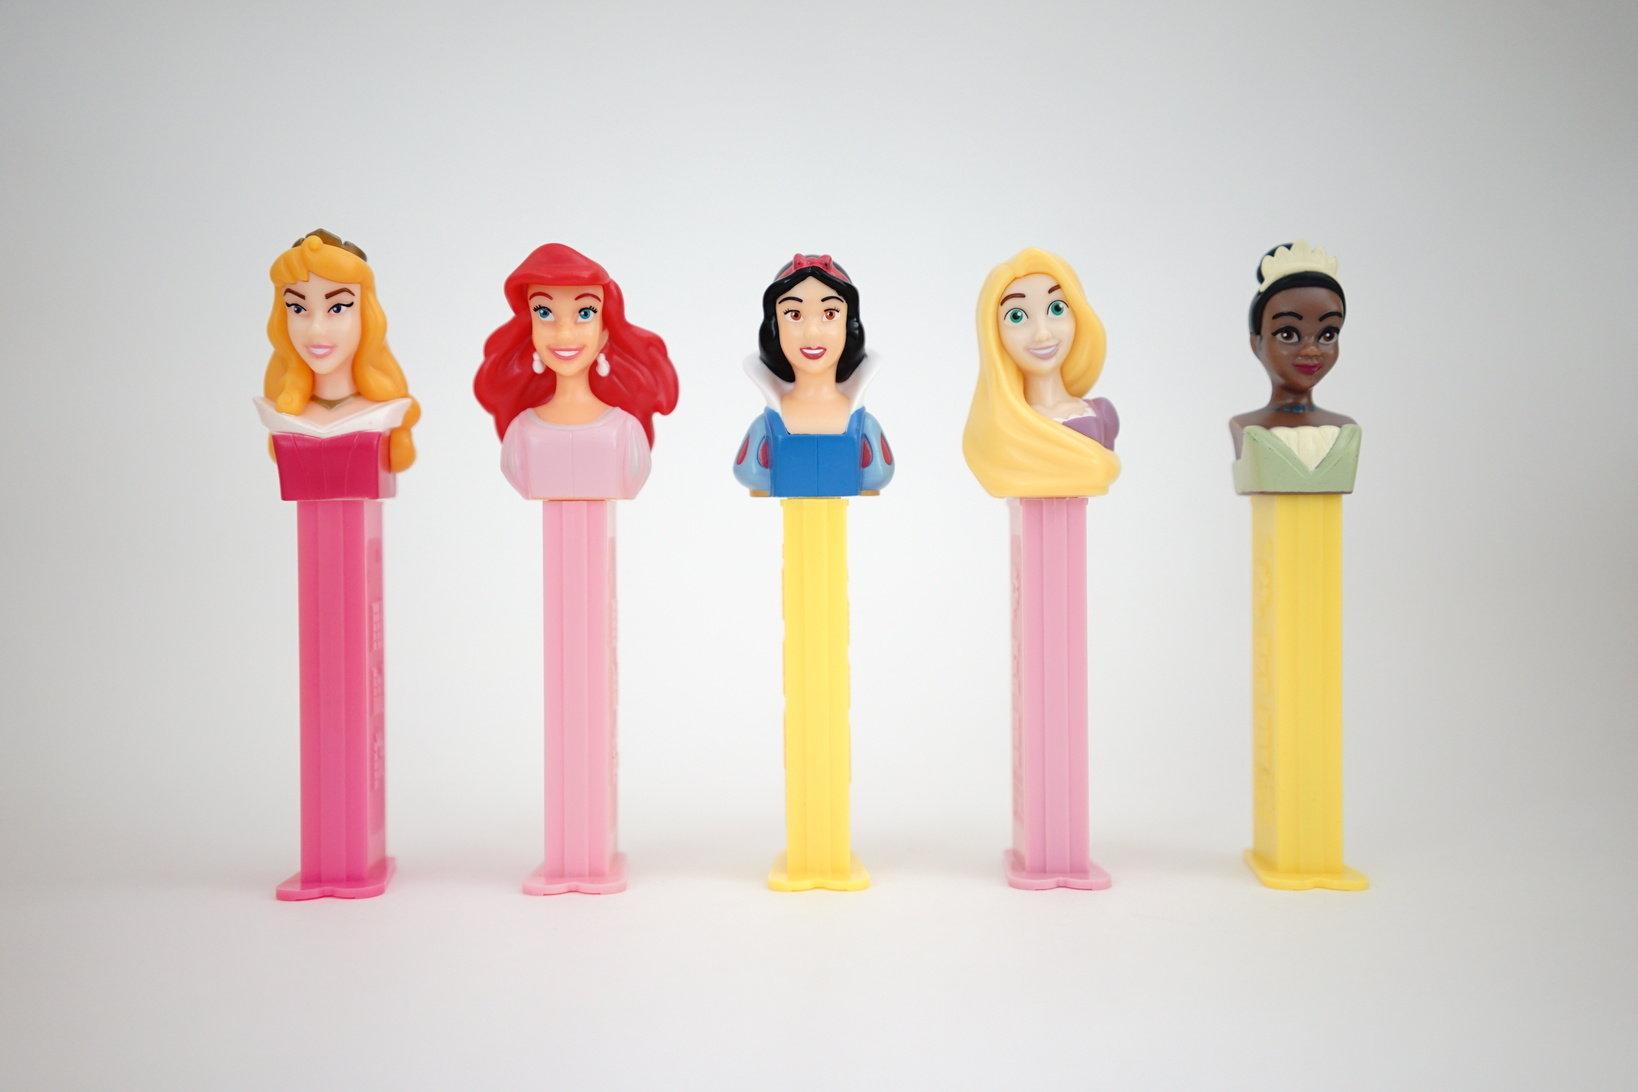 (左から)オーロラ姫、アリエル、白雪姫、ラプンツェル、ティアナ